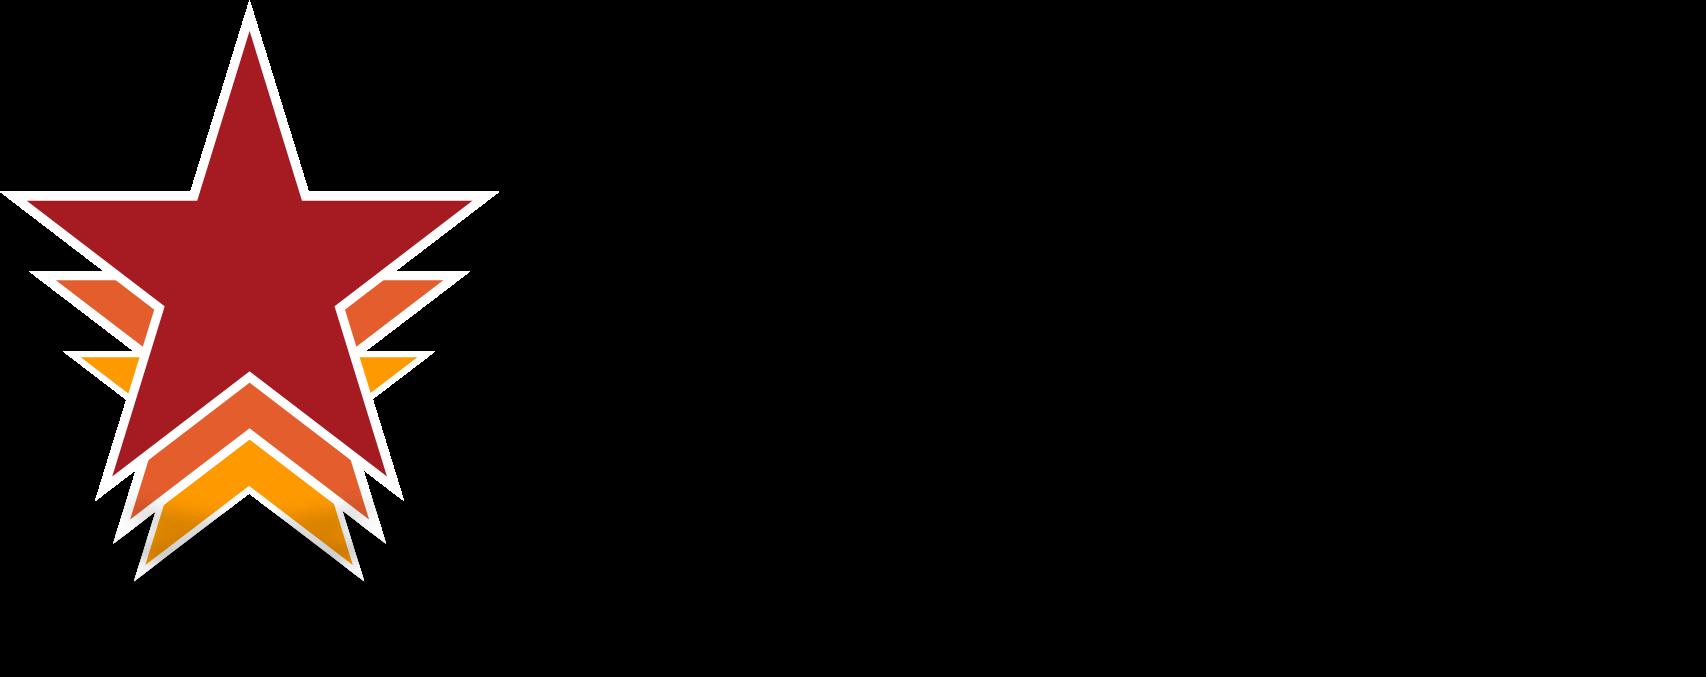 СТРОЙРЕНТ ПОДКРЕПИ НАЦИОНАЛЕН ДЕТСКИ ТУРНИР ПО ТЕНИС НА МАСА - FIREBALL RISING STARS